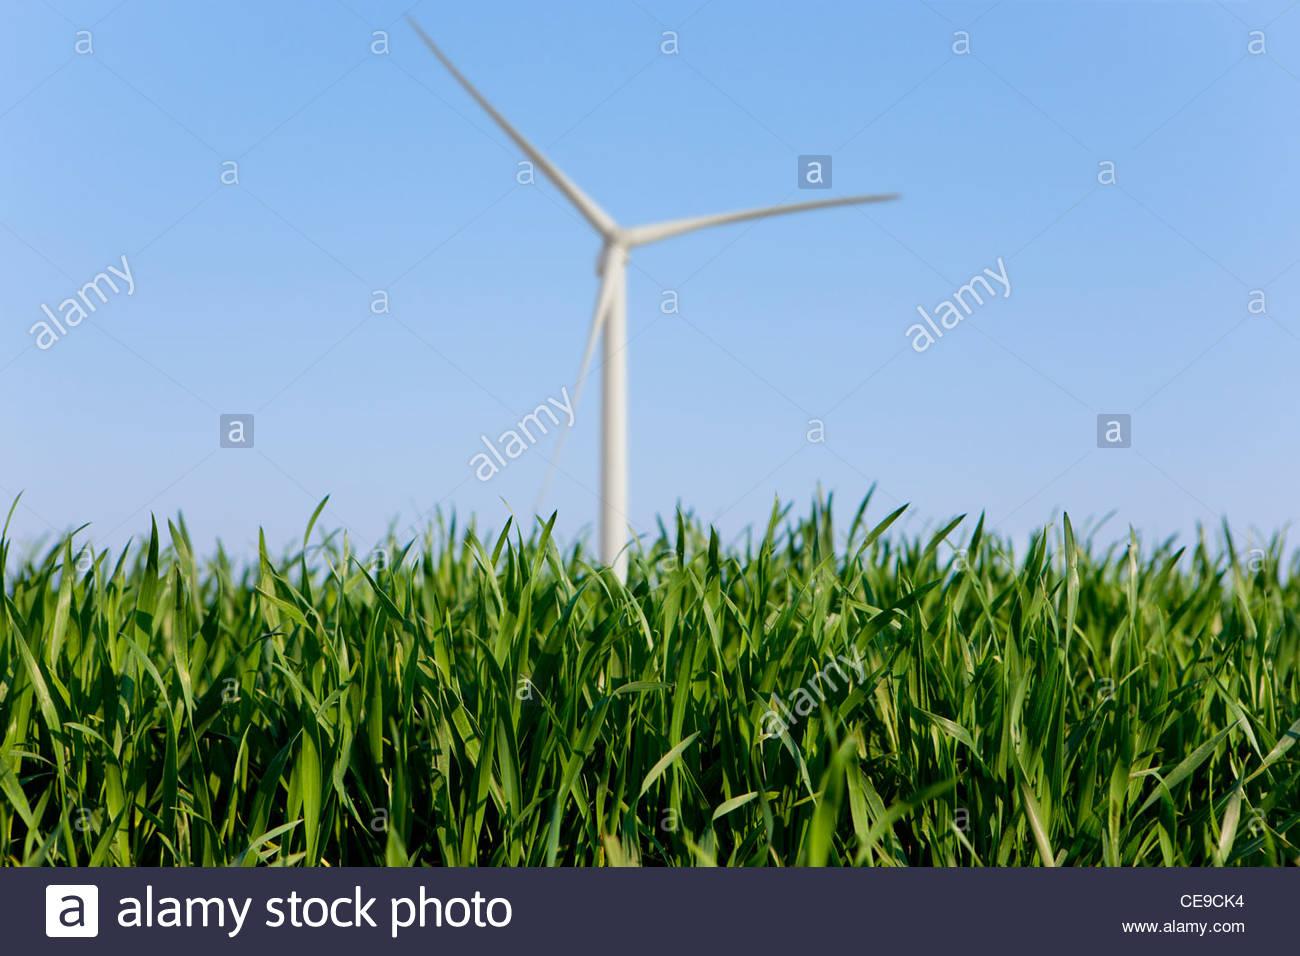 Cerca de hierba con turbina de viento en segundo plano. Imagen De Stock